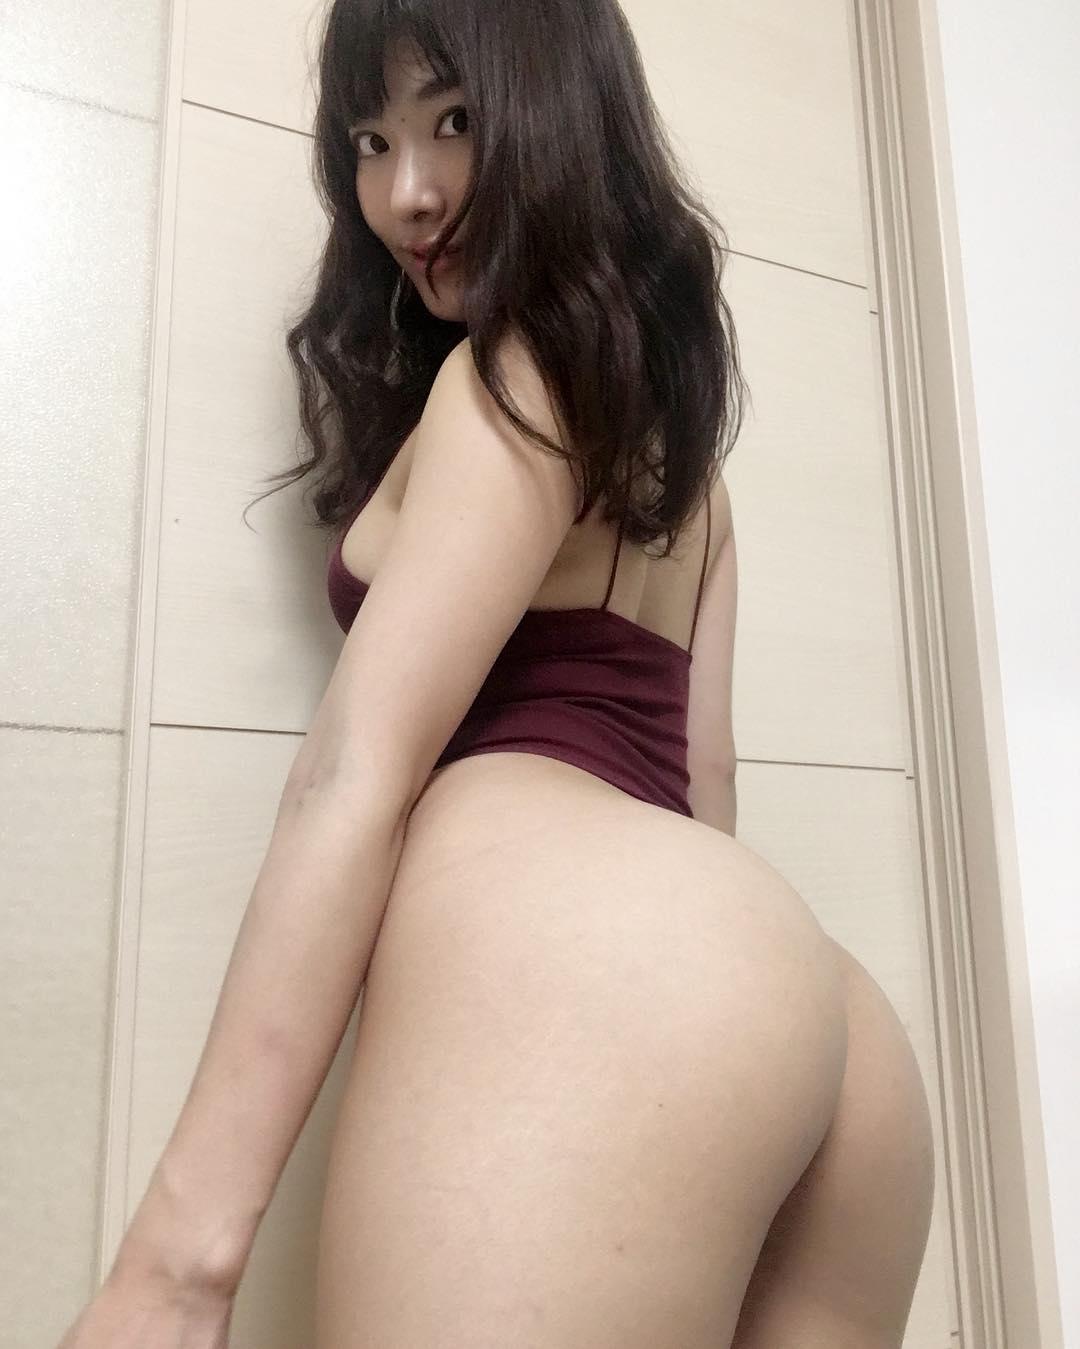 【由愛可奈エロ画像】尻肉は動かせますw凄いプリケツの持ち主・由愛可奈!(;´∀`)